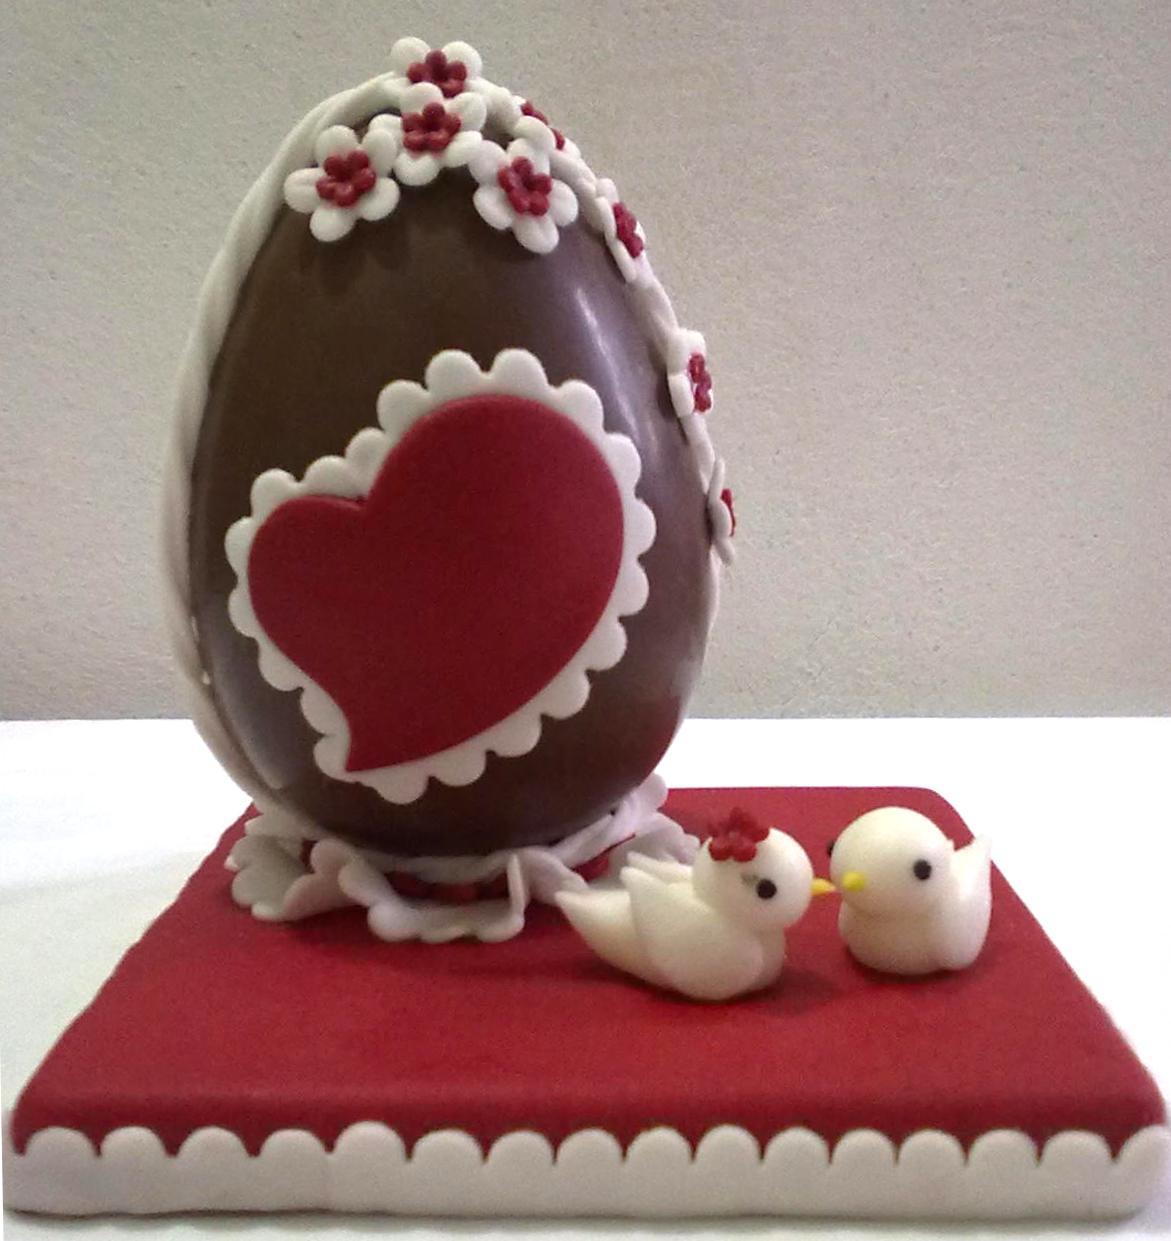 Preferenza Alessandra e i suoi dolci: Uovo di Pasqua decorato RV43